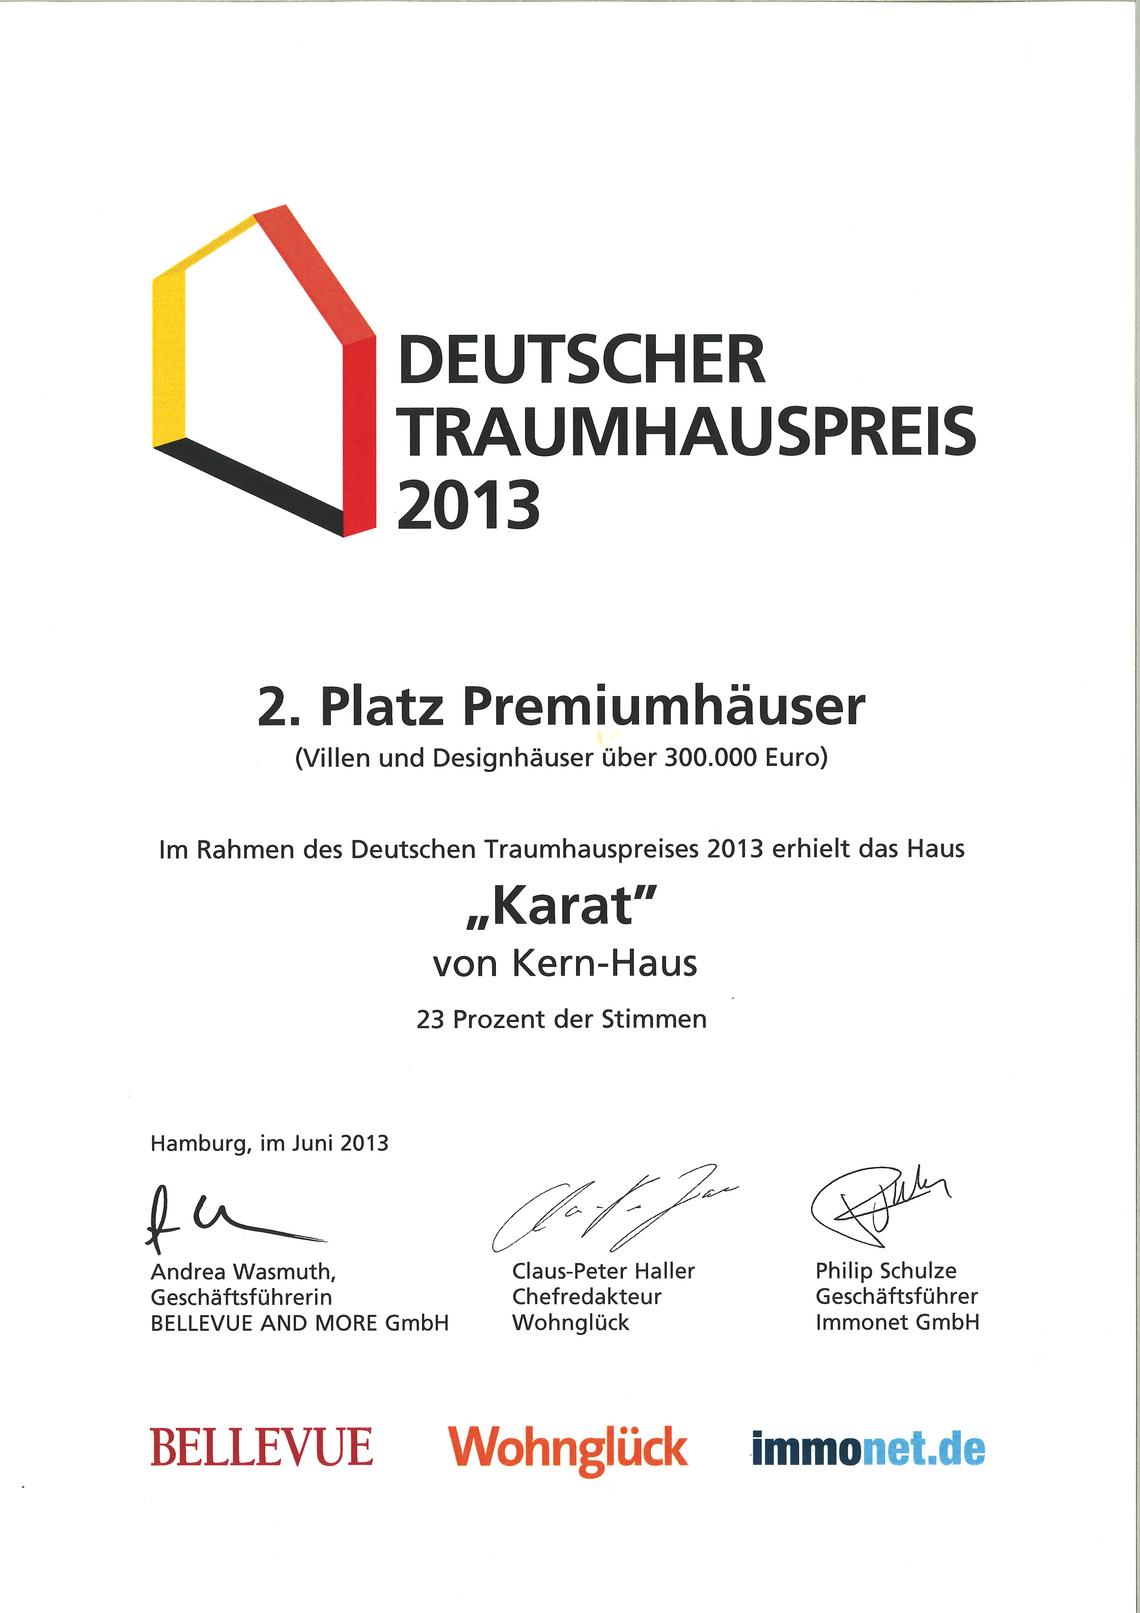 Urkunde Deutscher Traumhauspreis 2013: 2.Platz für Kern-Haus Karat